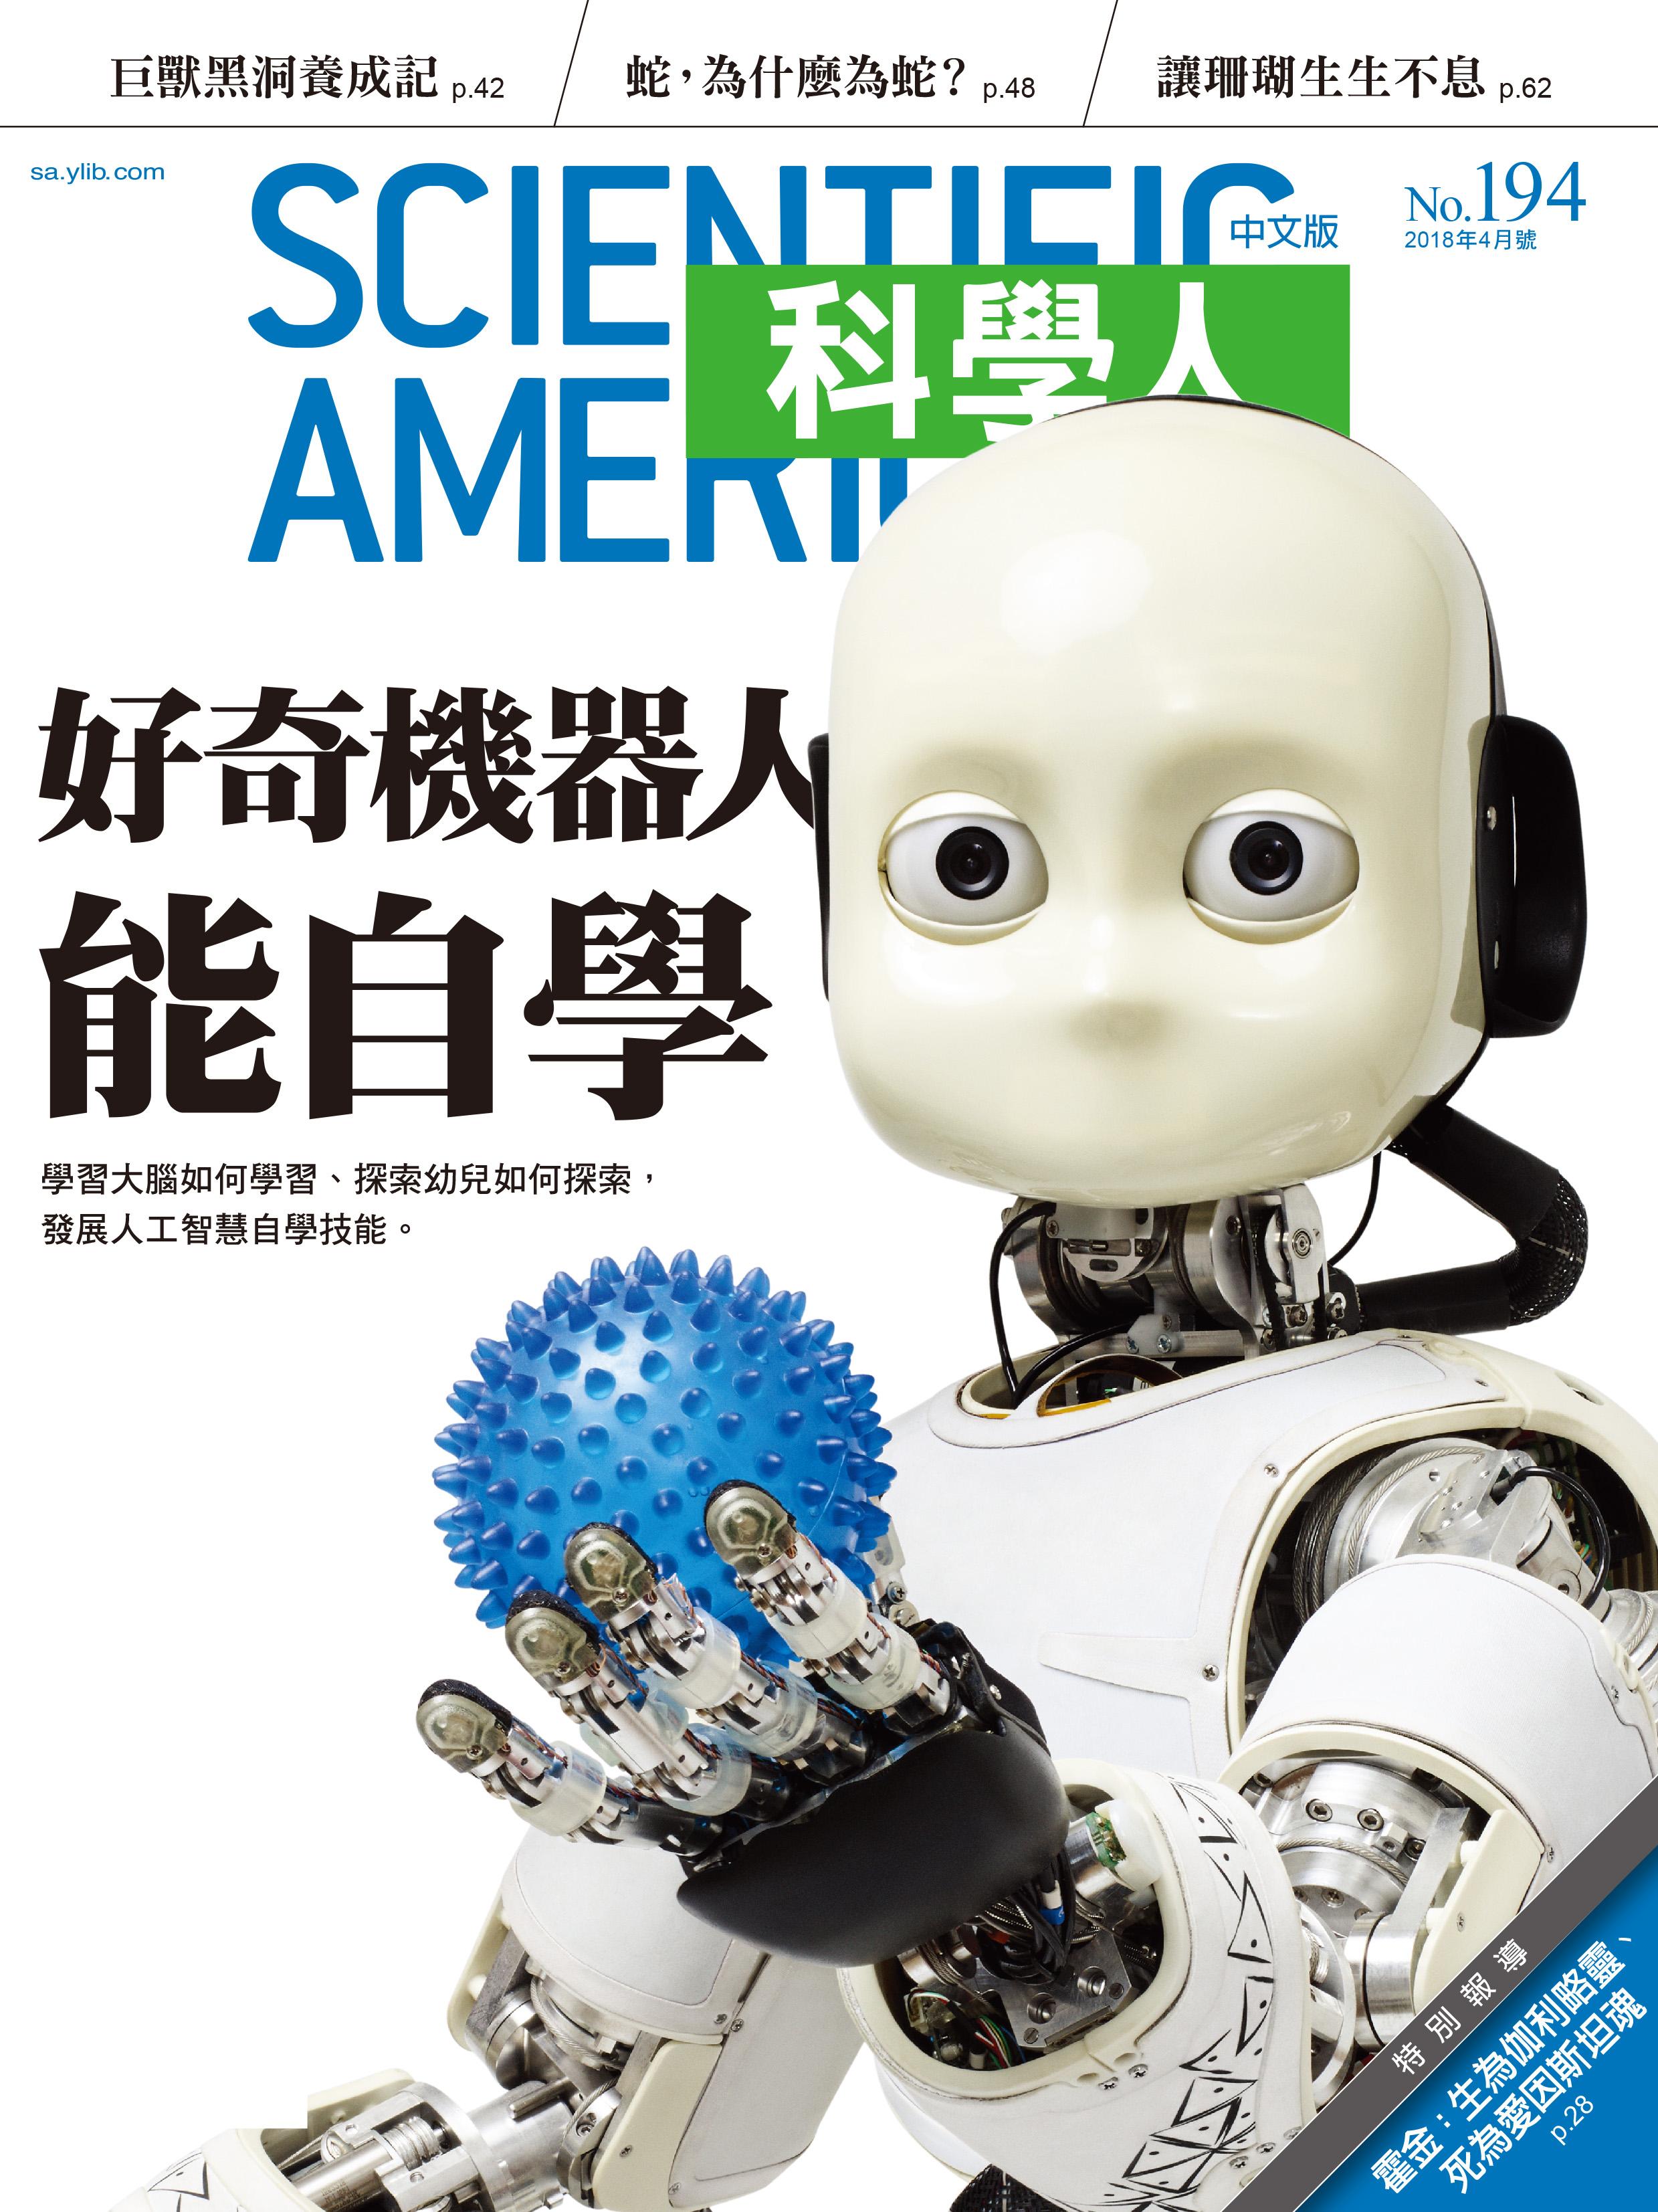 2018年4月194期好奇機器人能自學